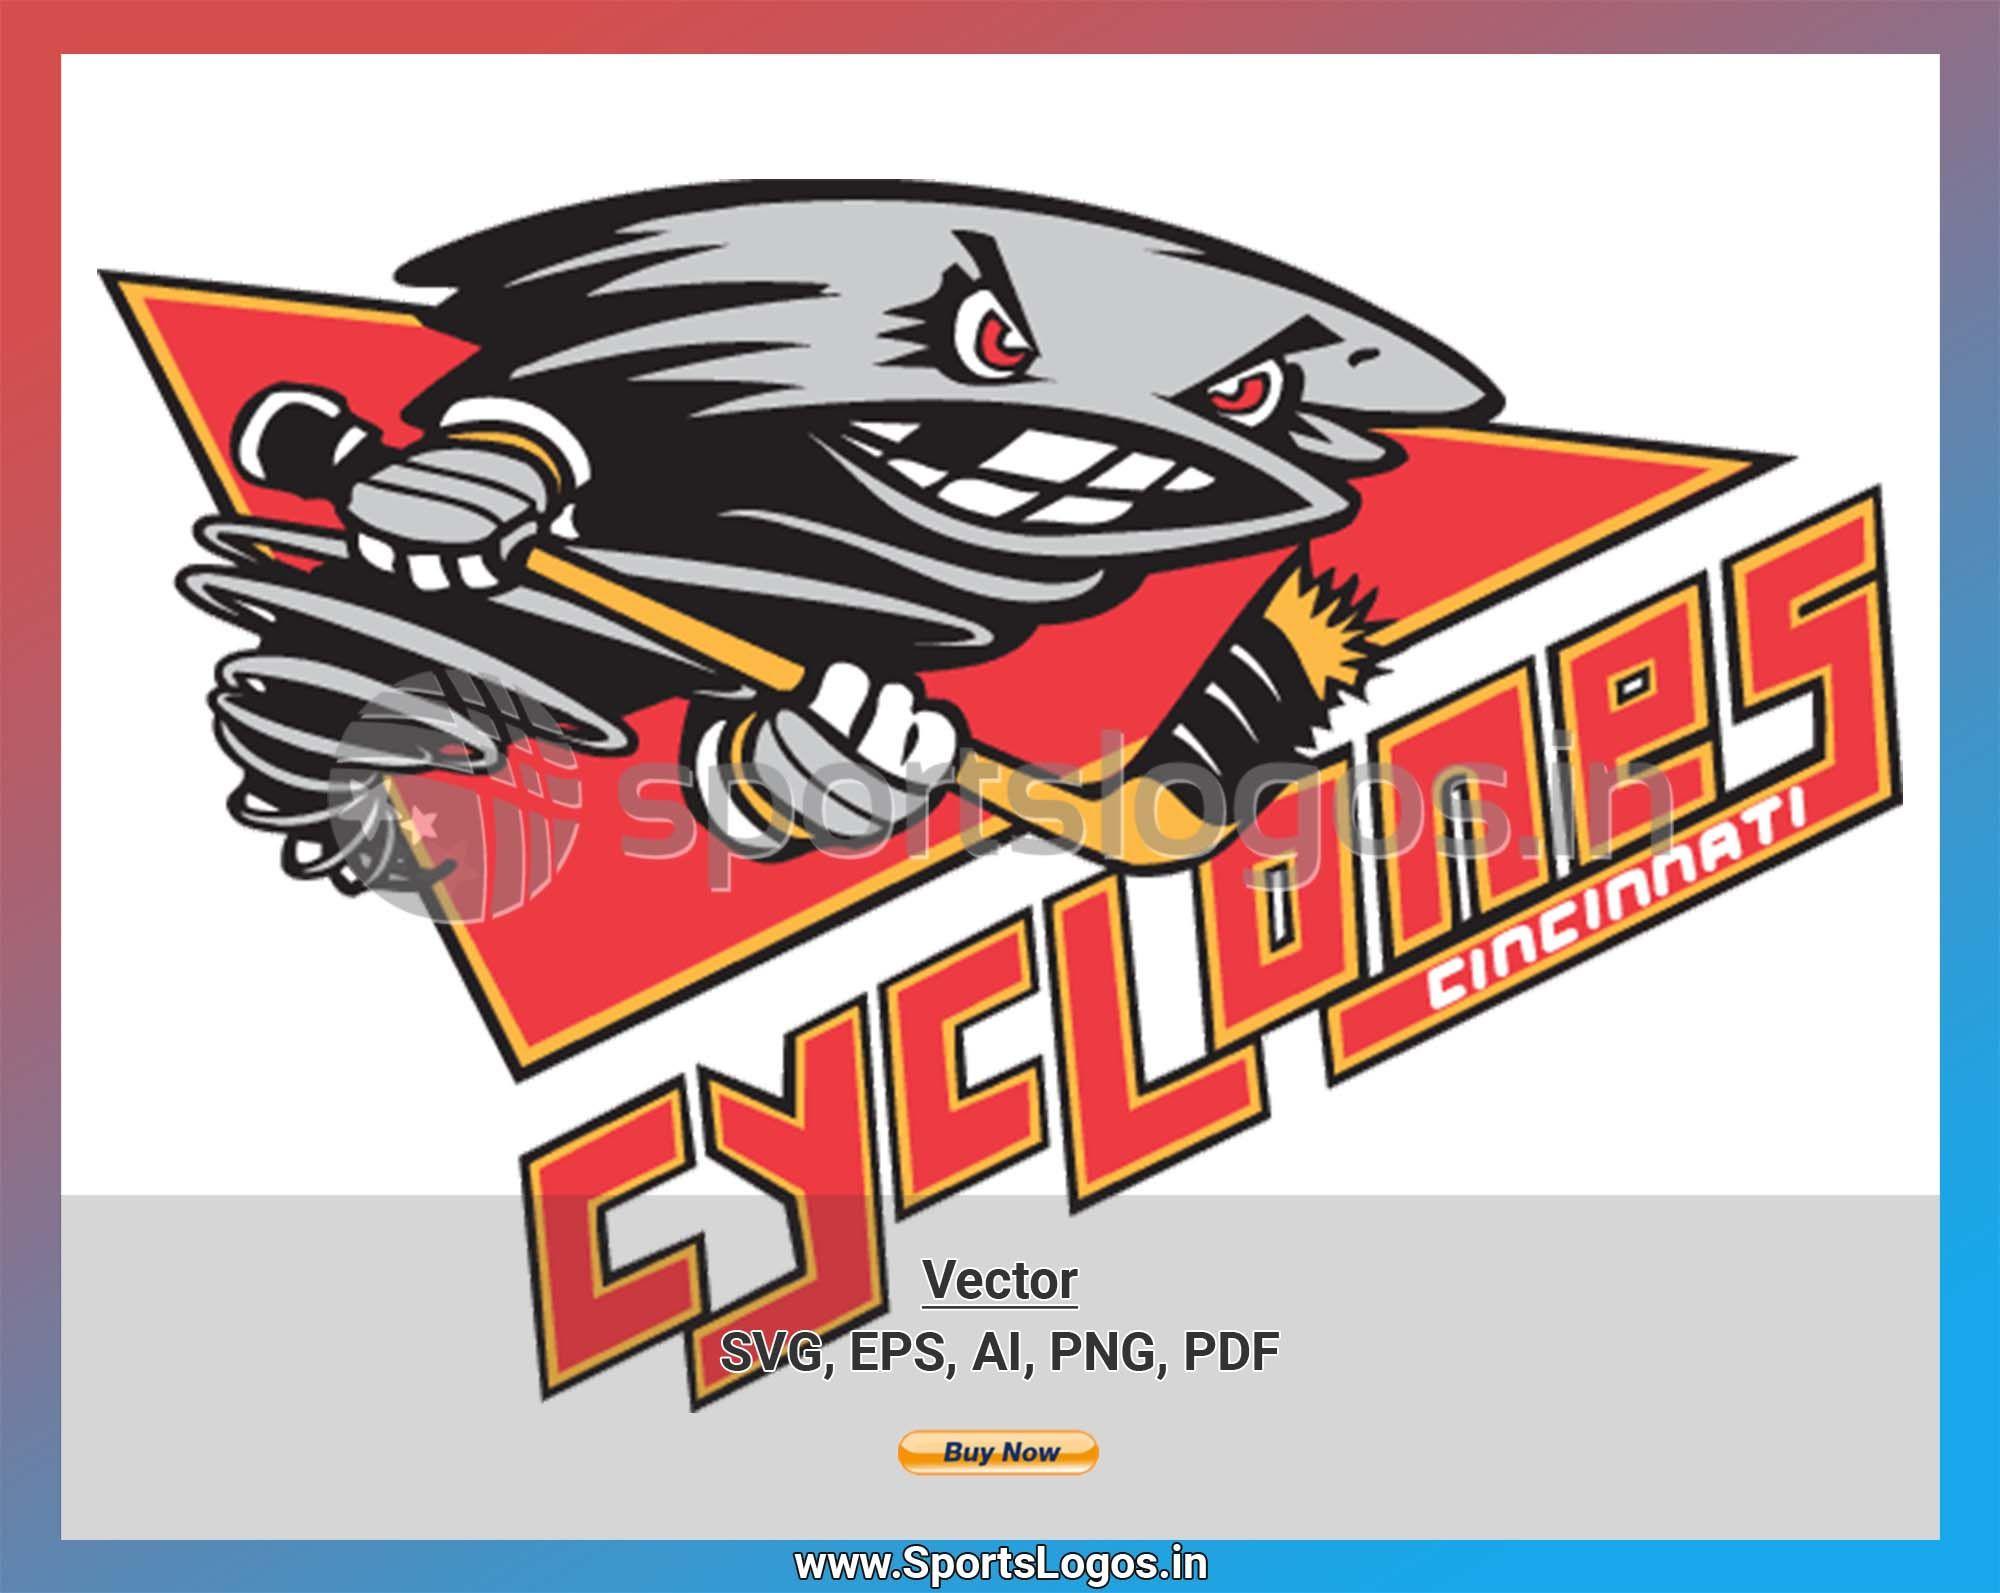 Cincinnati Cyclones 2001/022013/14, ECHL, Hockey Sports